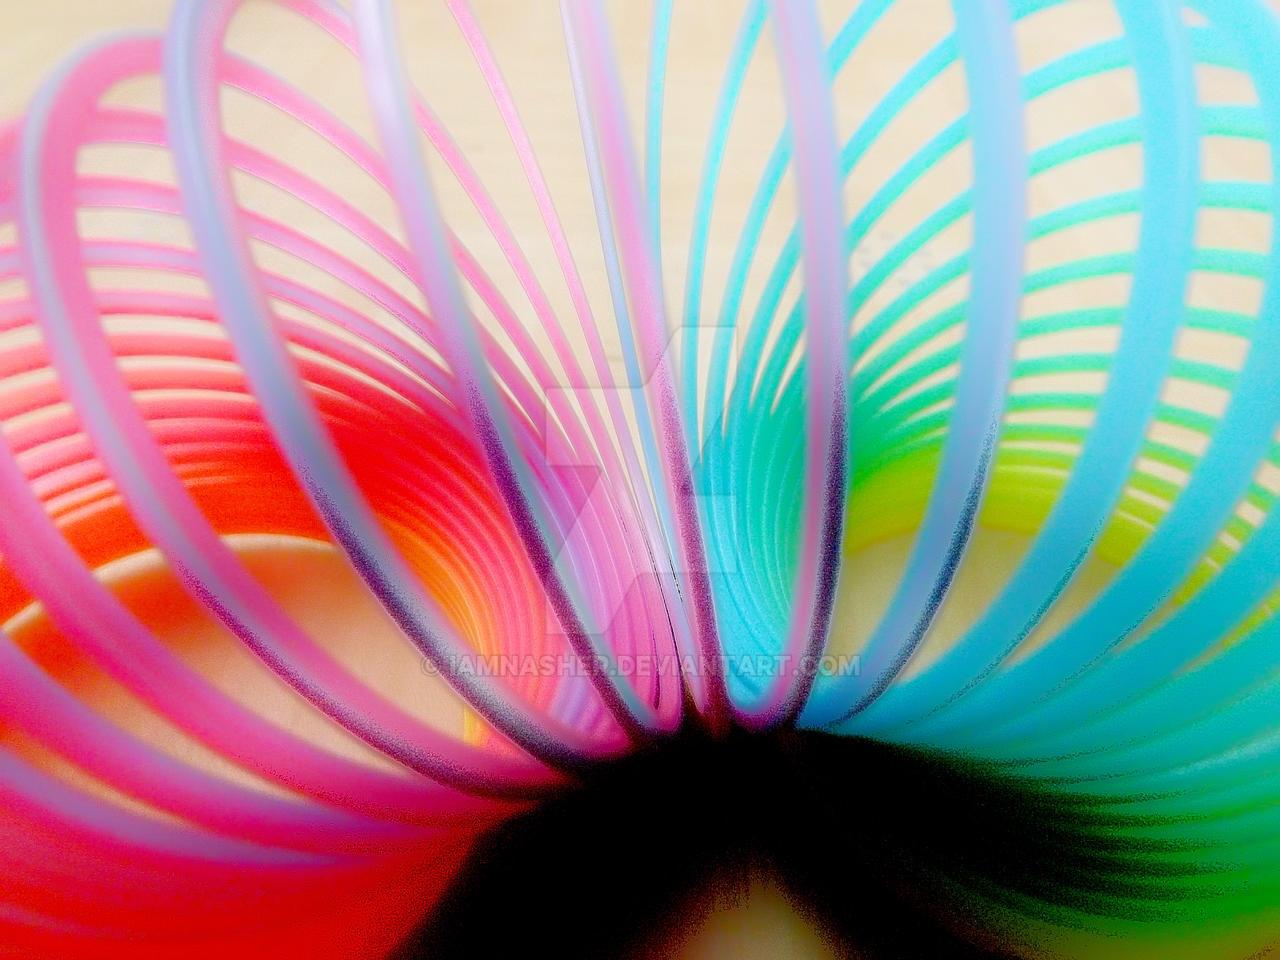 rainbow links 2 by IamNasher